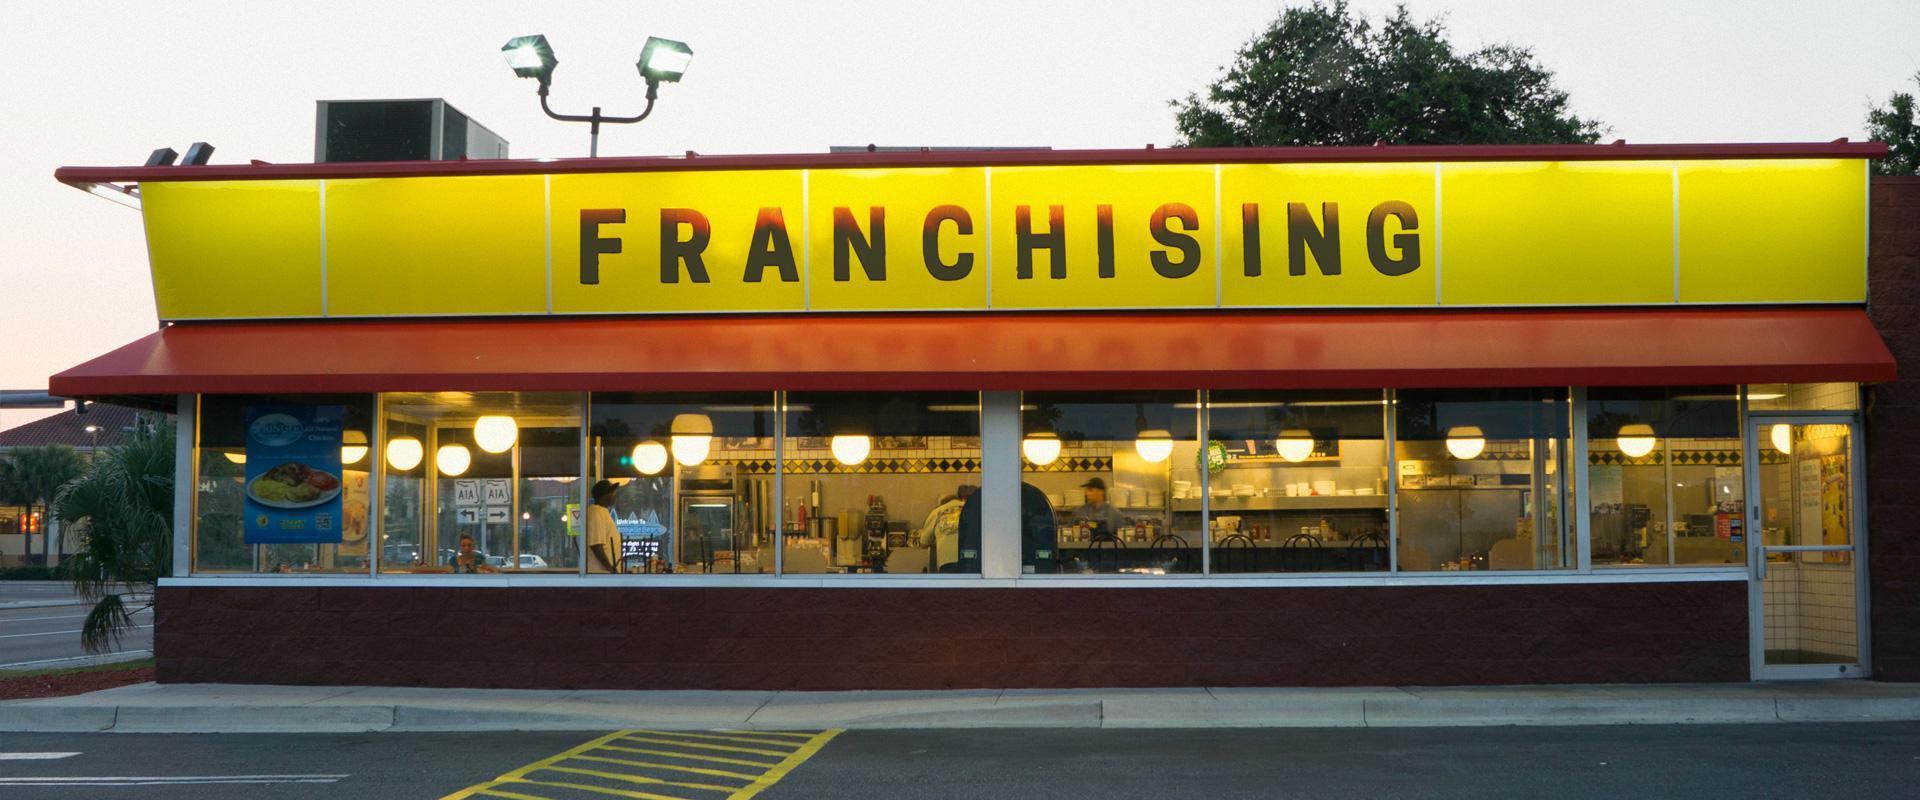 franchise law ireland